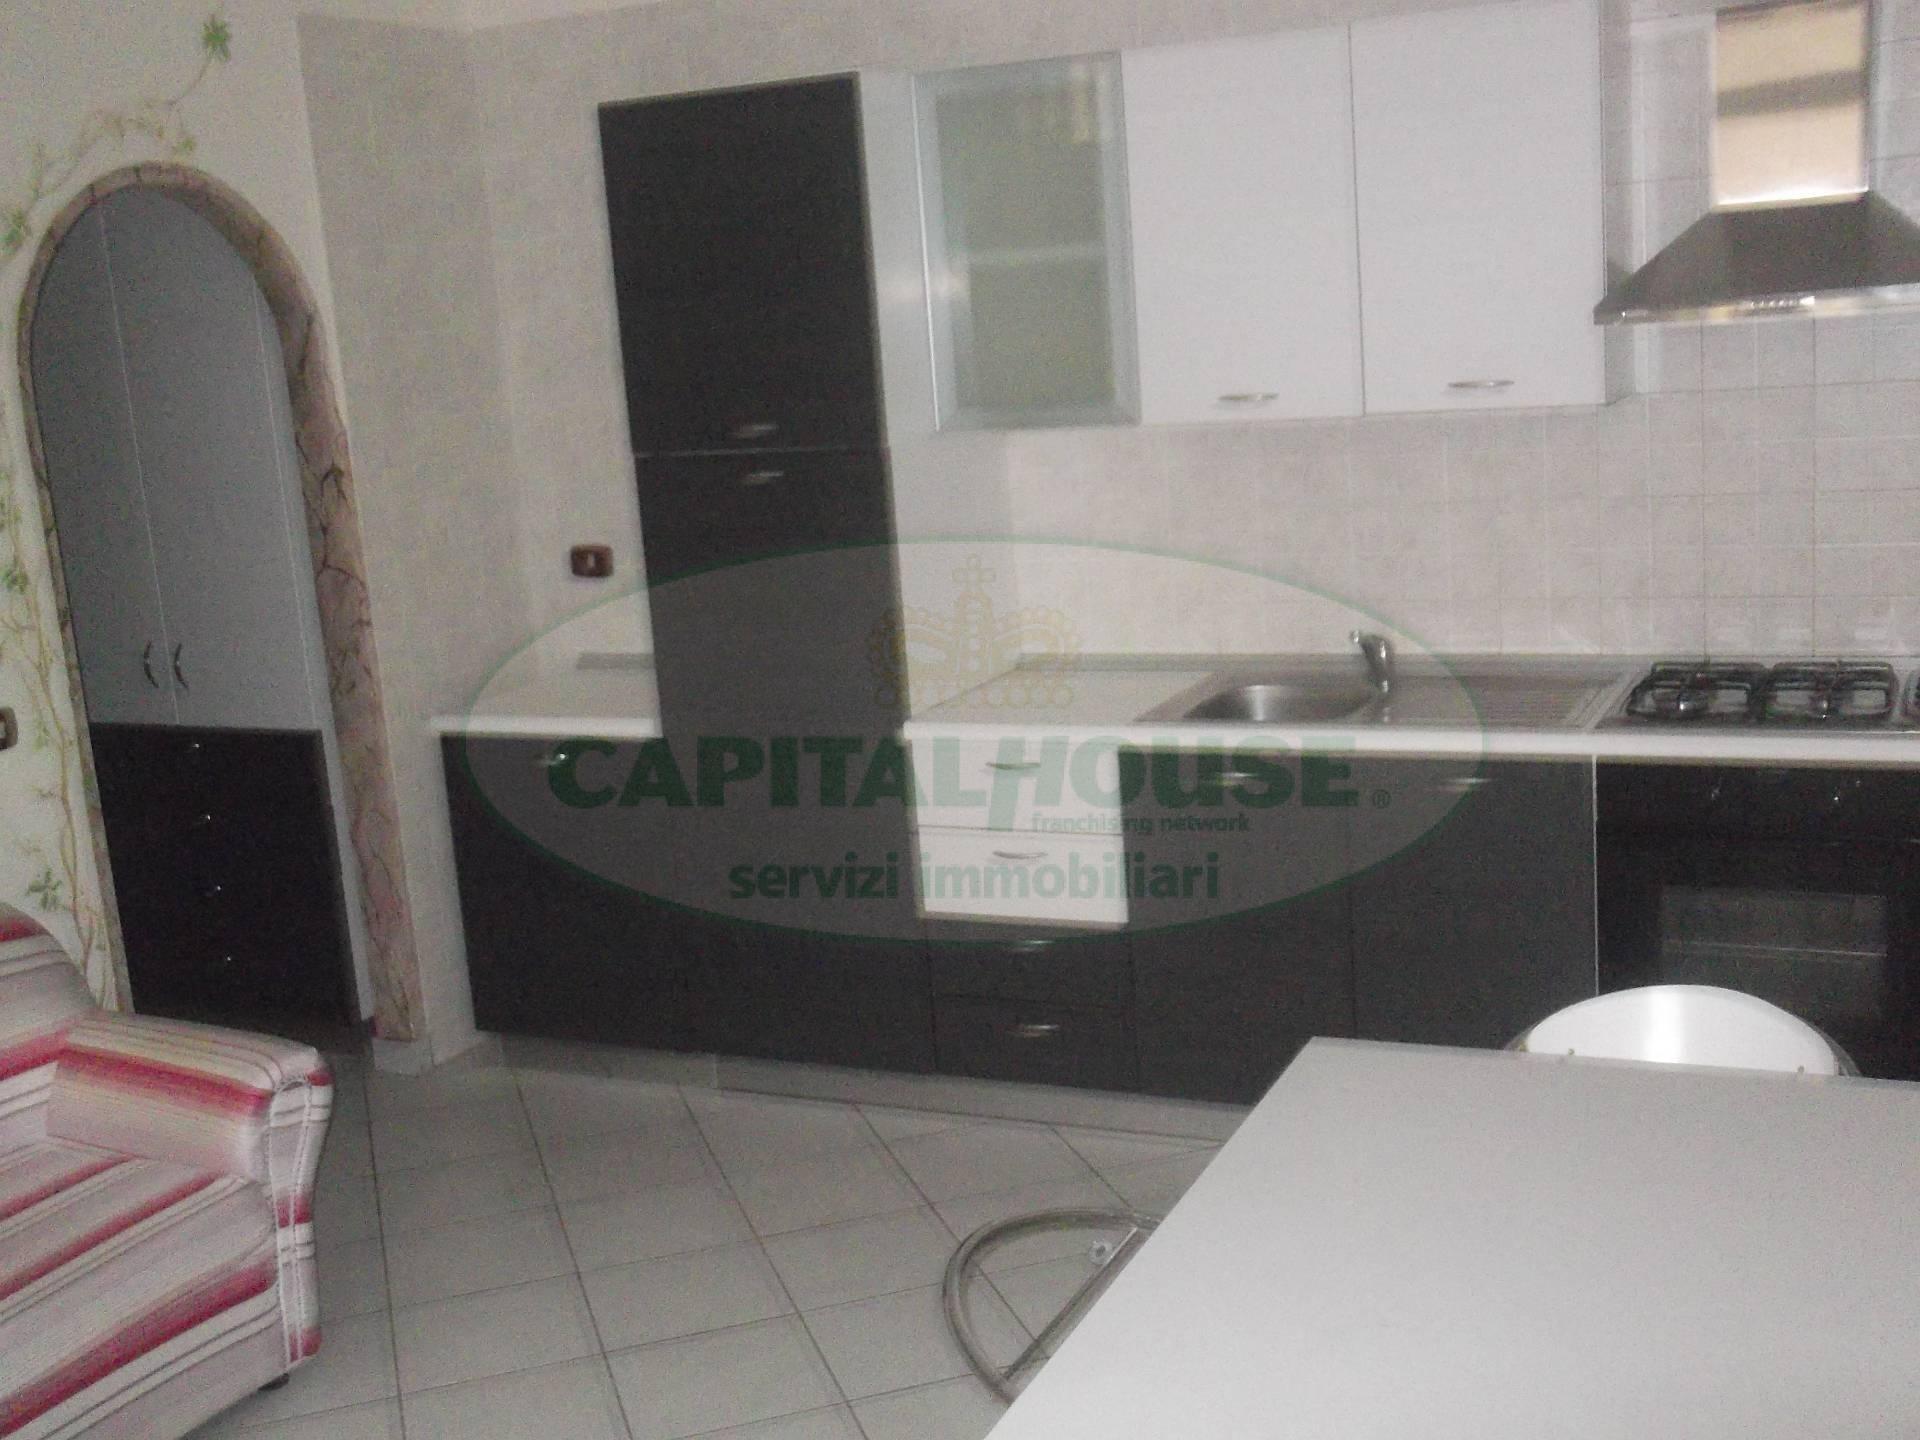 Appartamento in affitto a Afragola, 2 locali, zona Località: PiazzaCastello, prezzo € 400 | CambioCasa.it